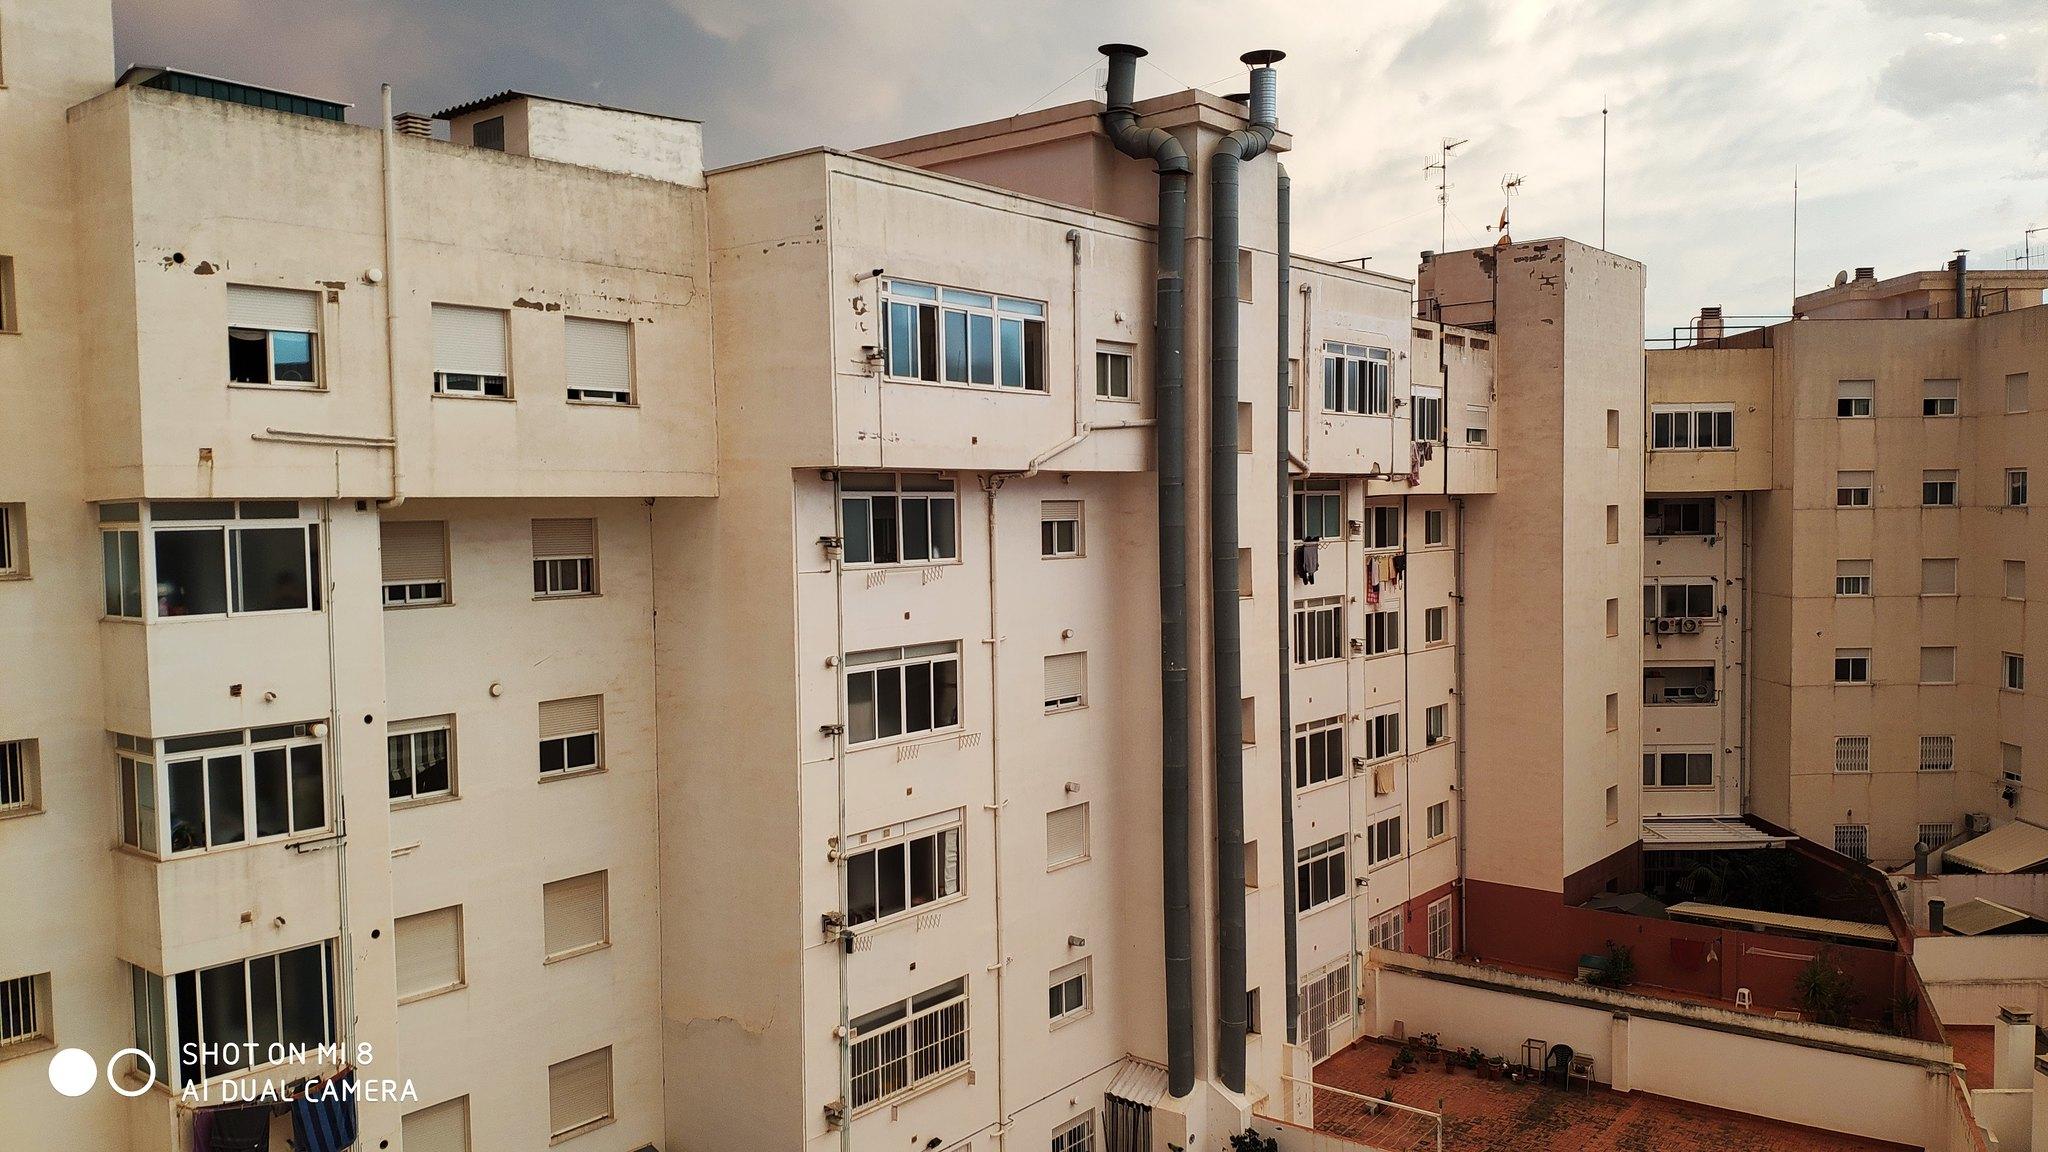 Fotografías edificios y paisajes urbanos Mi 8